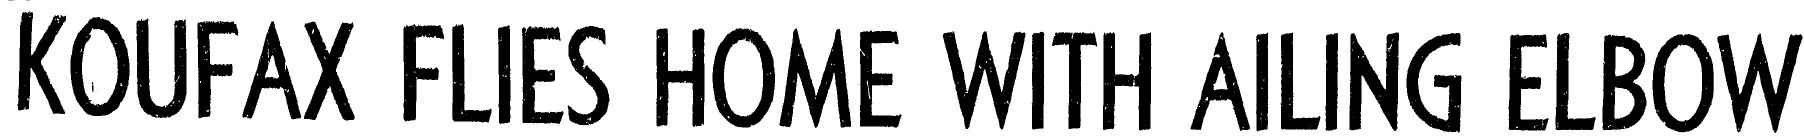 Koufax headline